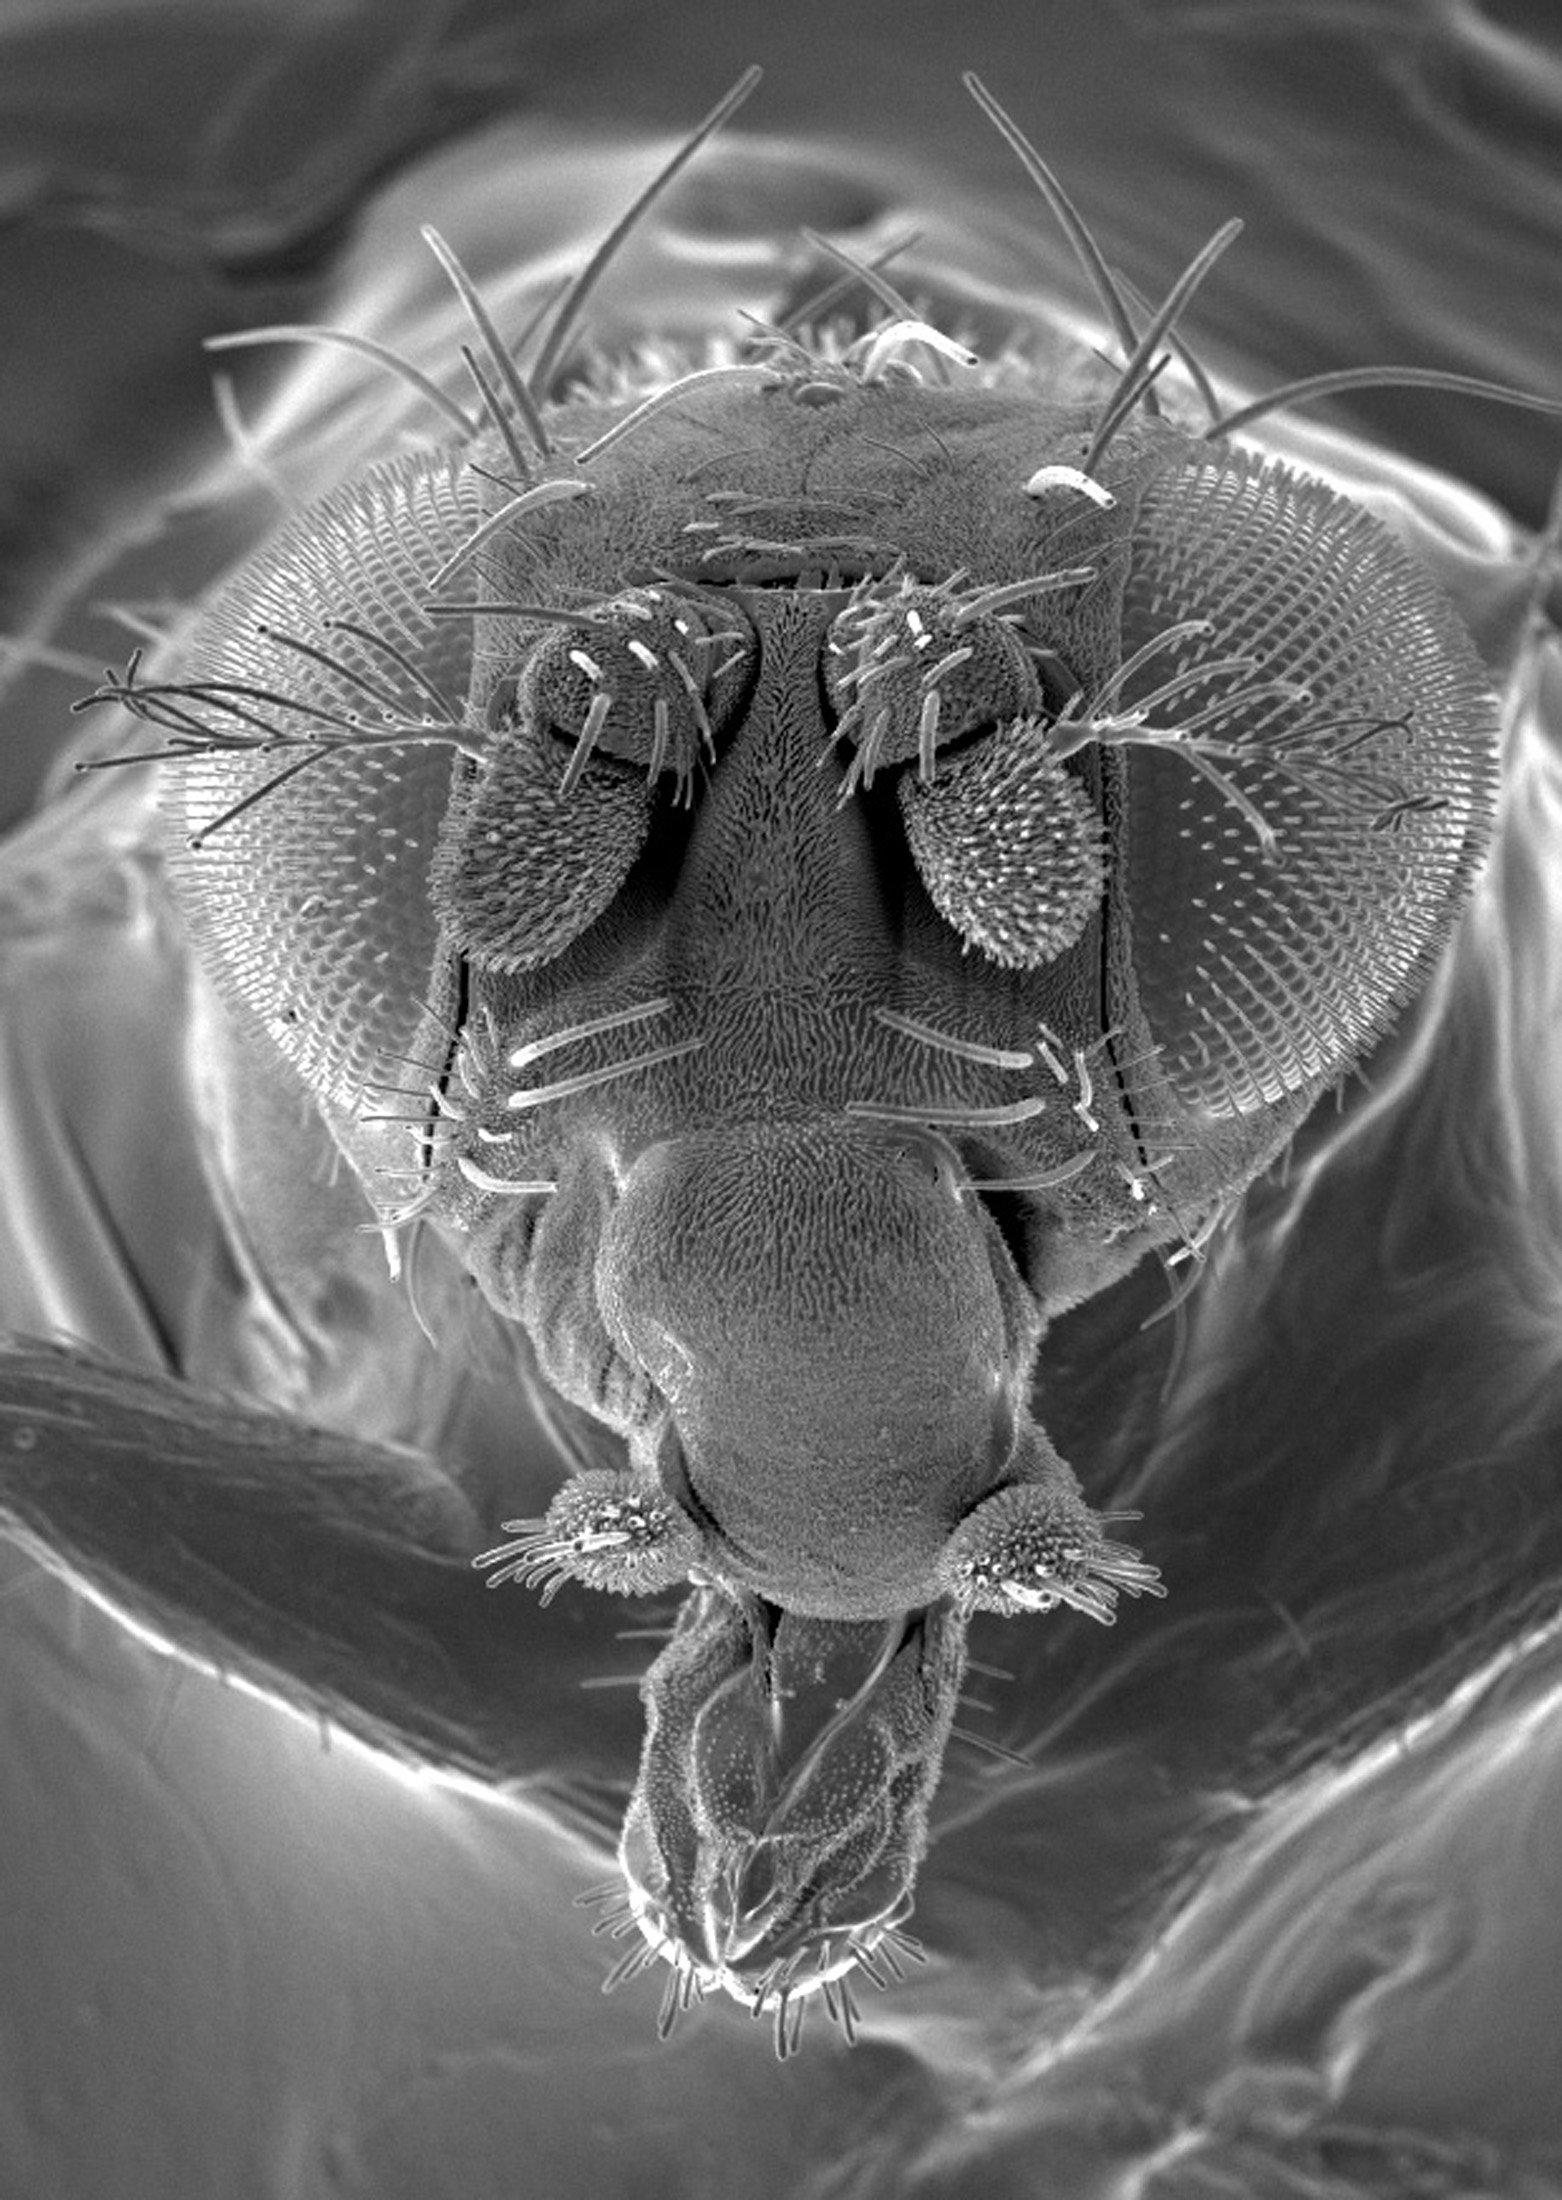 Ένα σκουλήκι «χορεύει» μπροστά στο μικροσκόπιο και κερδίζει